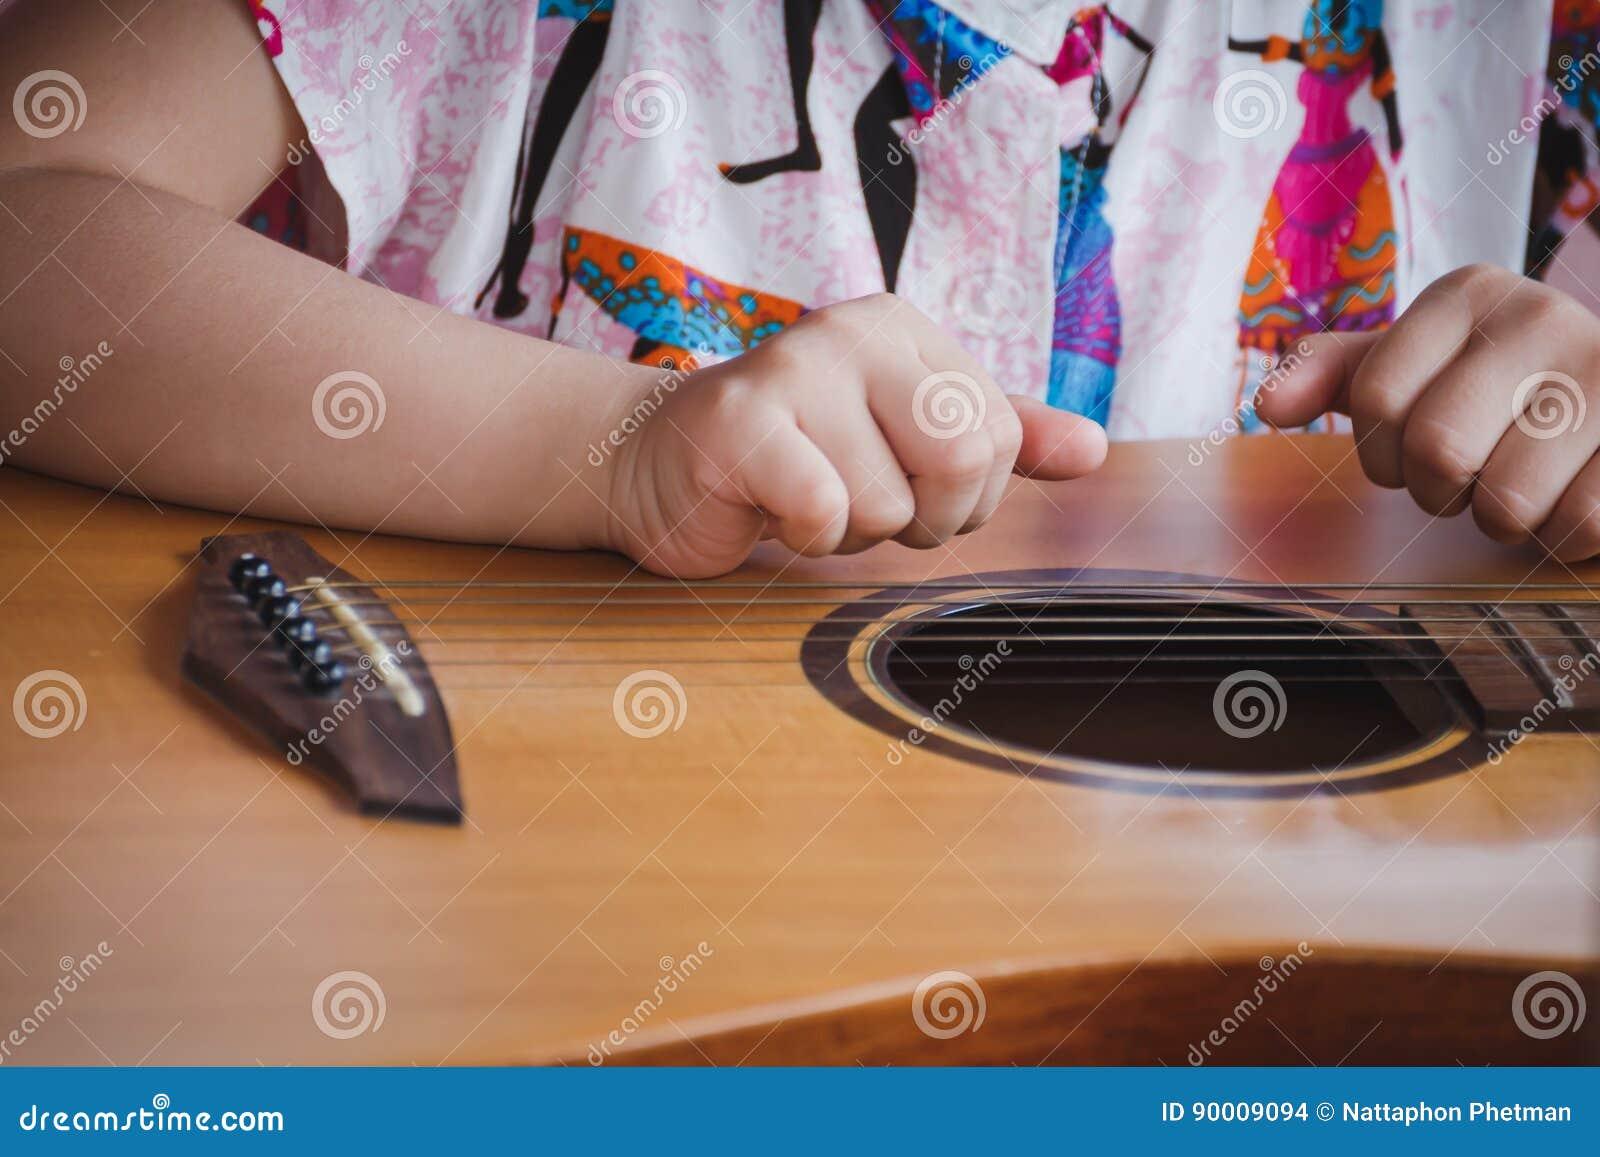 Zakończenia dziecko bawić się gitarę Pojęcie liftstyle, uczenie, hobby, muzyk, sen i wyobraźnia,